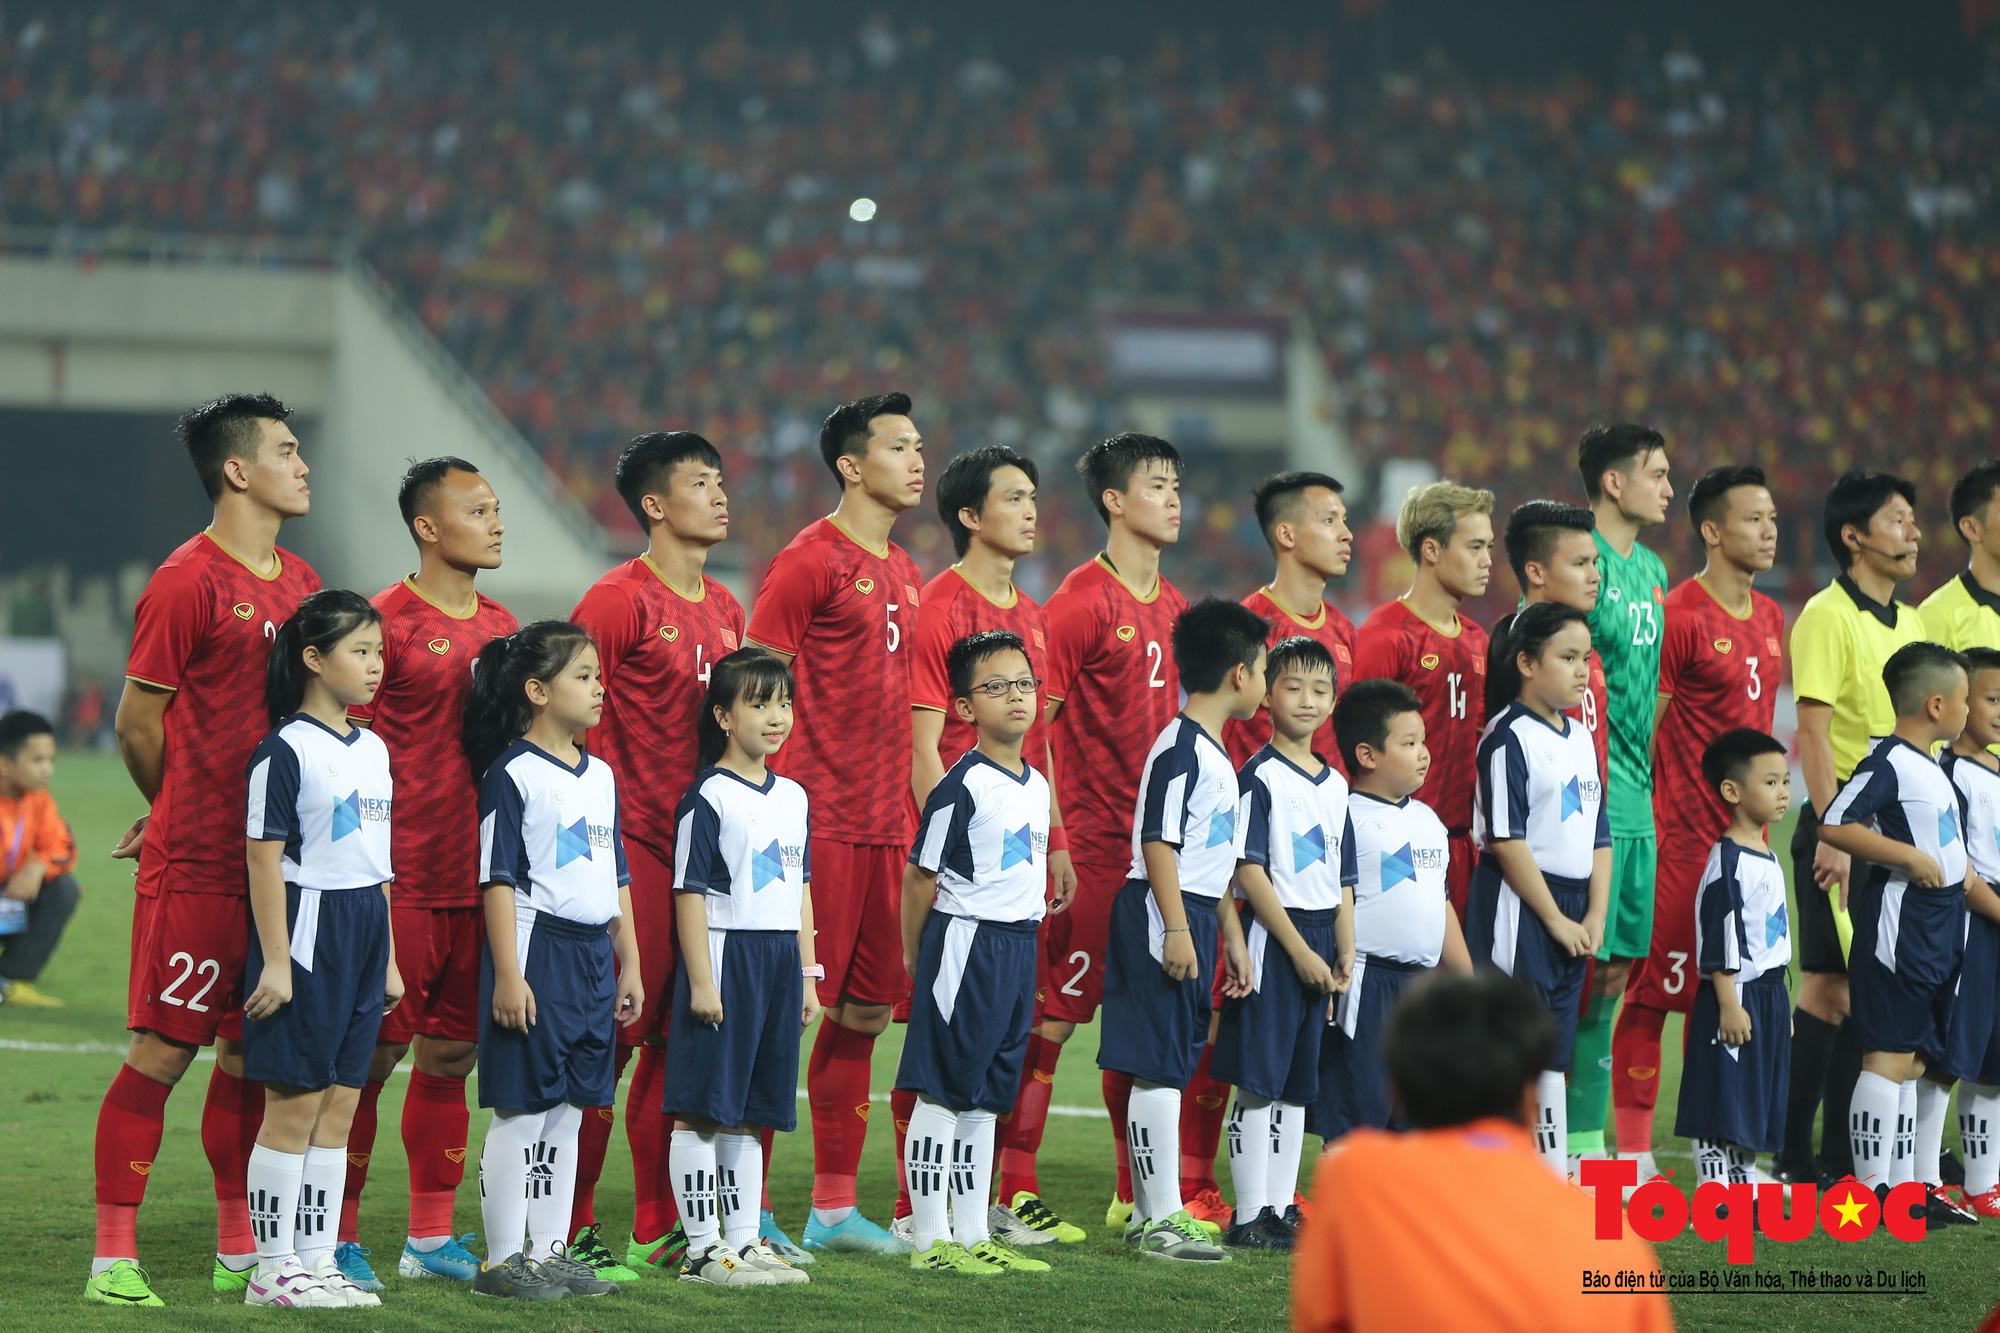 Đánh bại UAE, tuyển Việt Nam khẳng định vị thế số 1 bảng G - Ảnh 2.